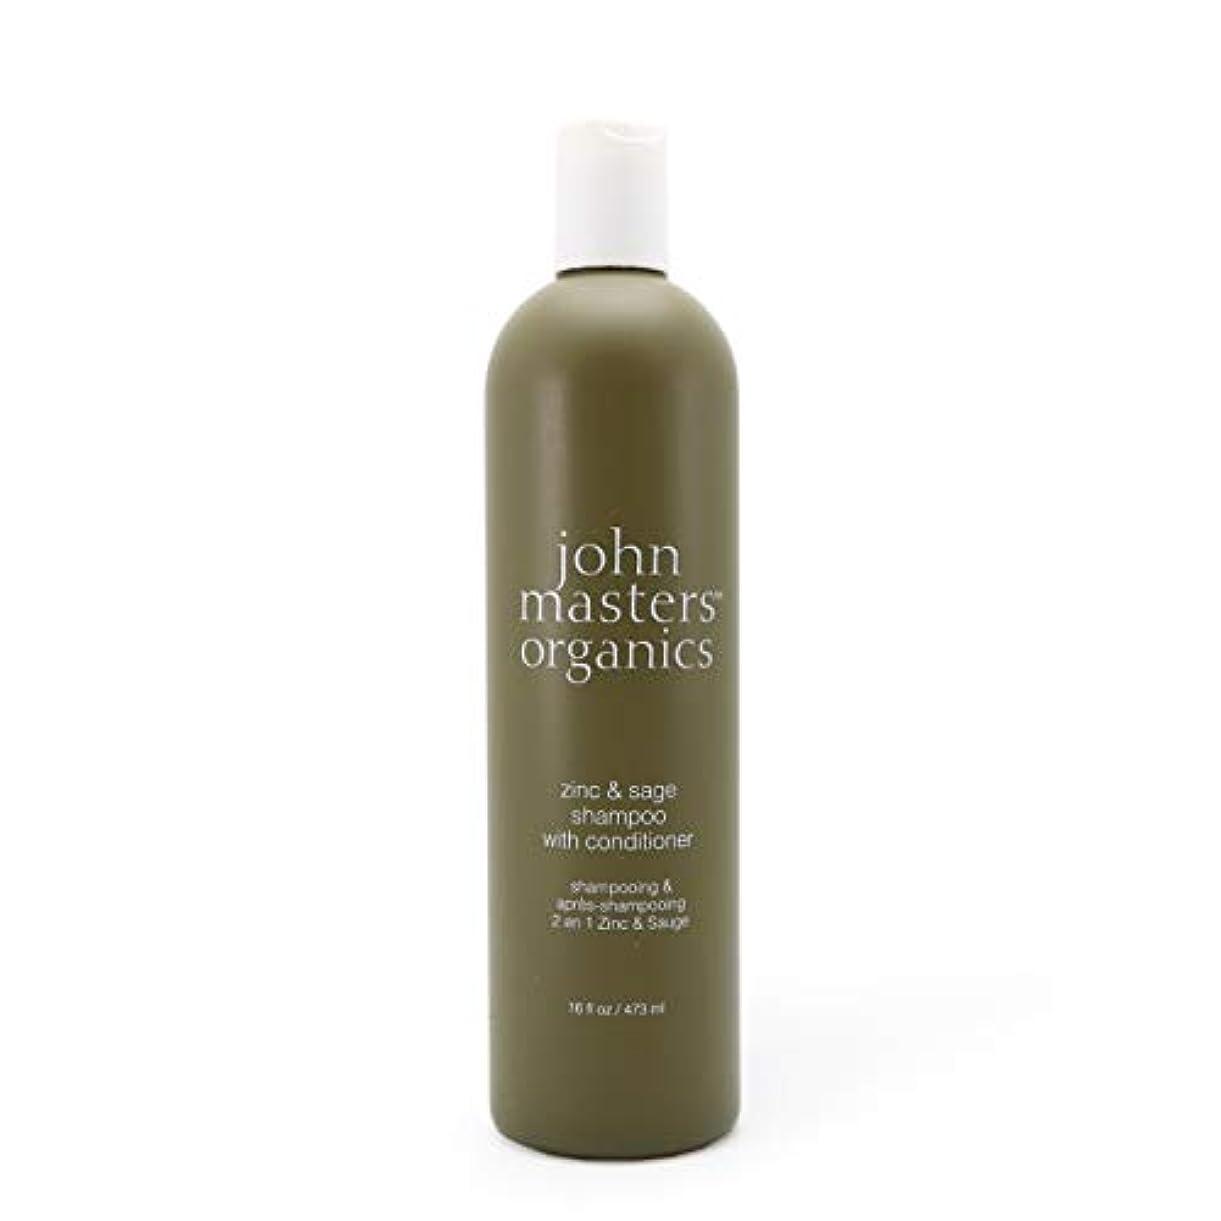 入場戸棚貪欲ジョンマスターオーガニック(john masters organics) Z&Sコンディショニングシャンプー N(ジン&セージ)473mL